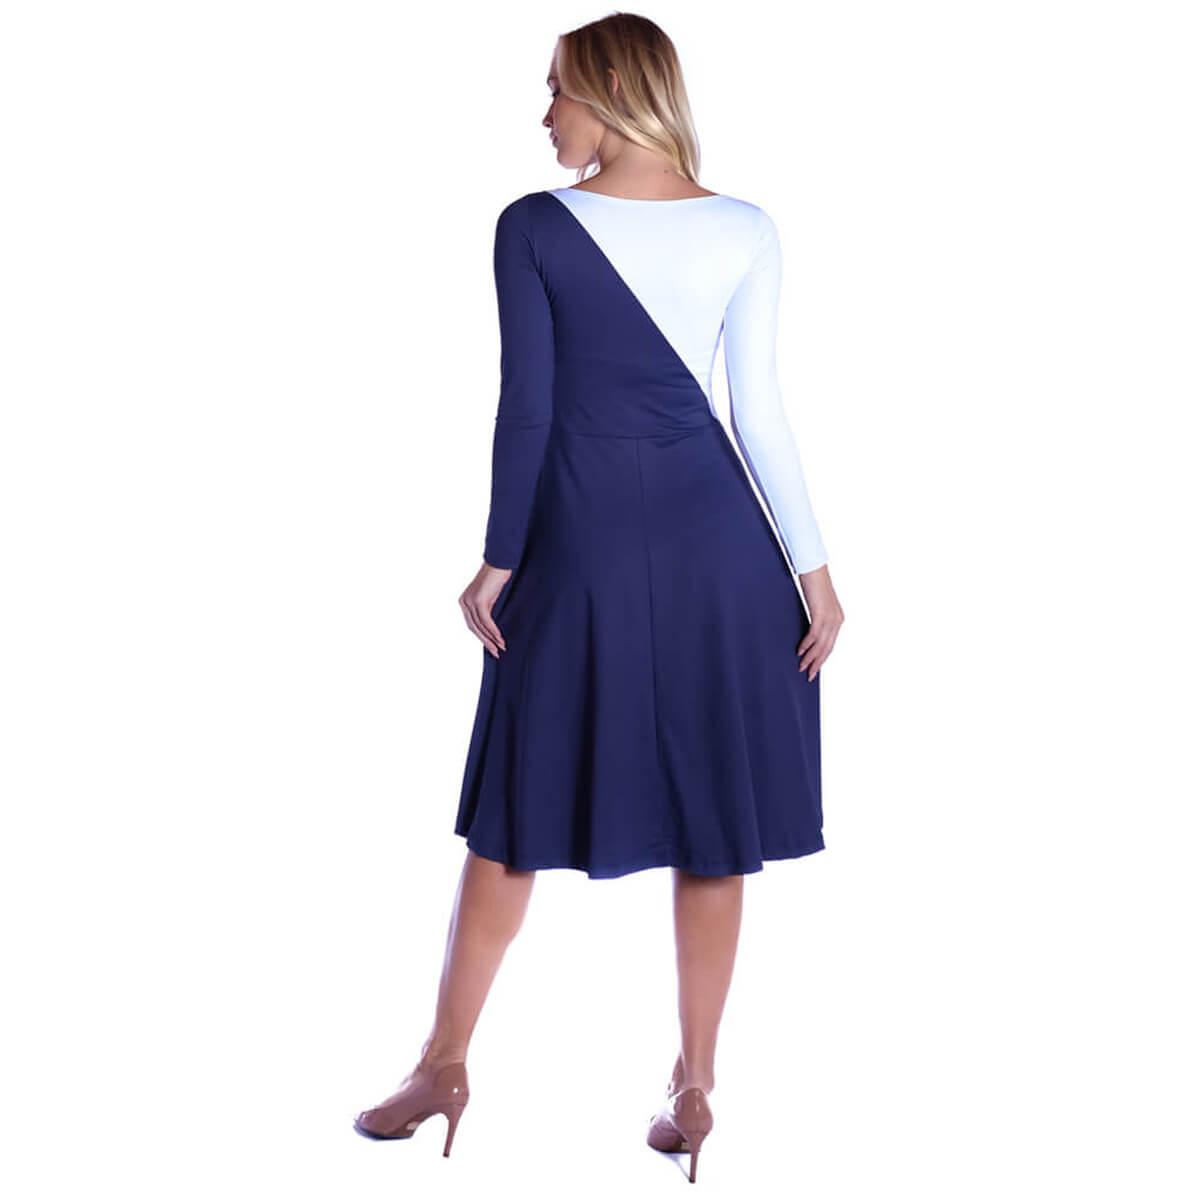 Vestido Duas Cores FICALINDA Azul Marinho e Branco Manga Longa Decote Canoa